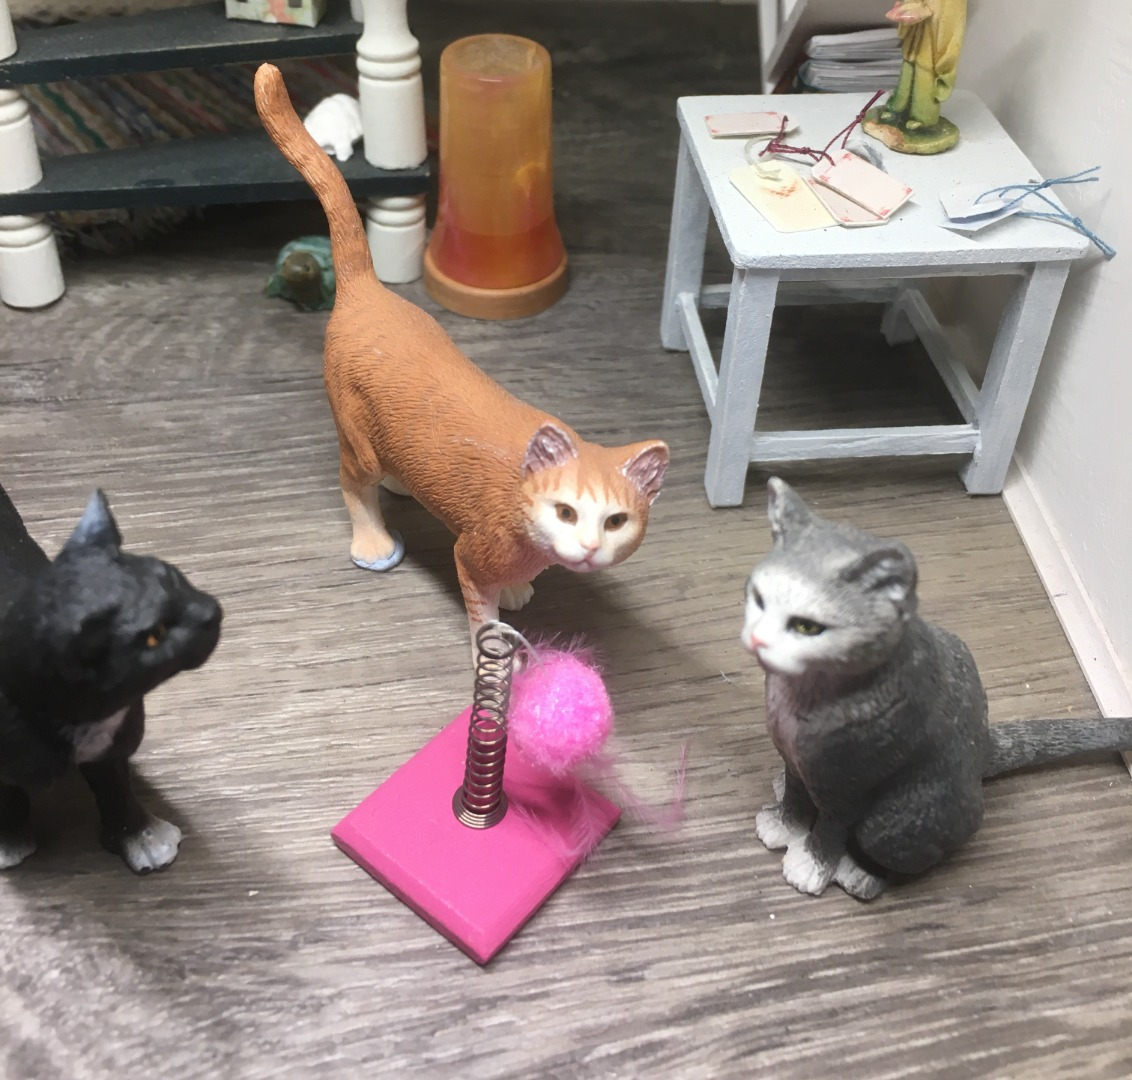 Spielzeug für die Katze